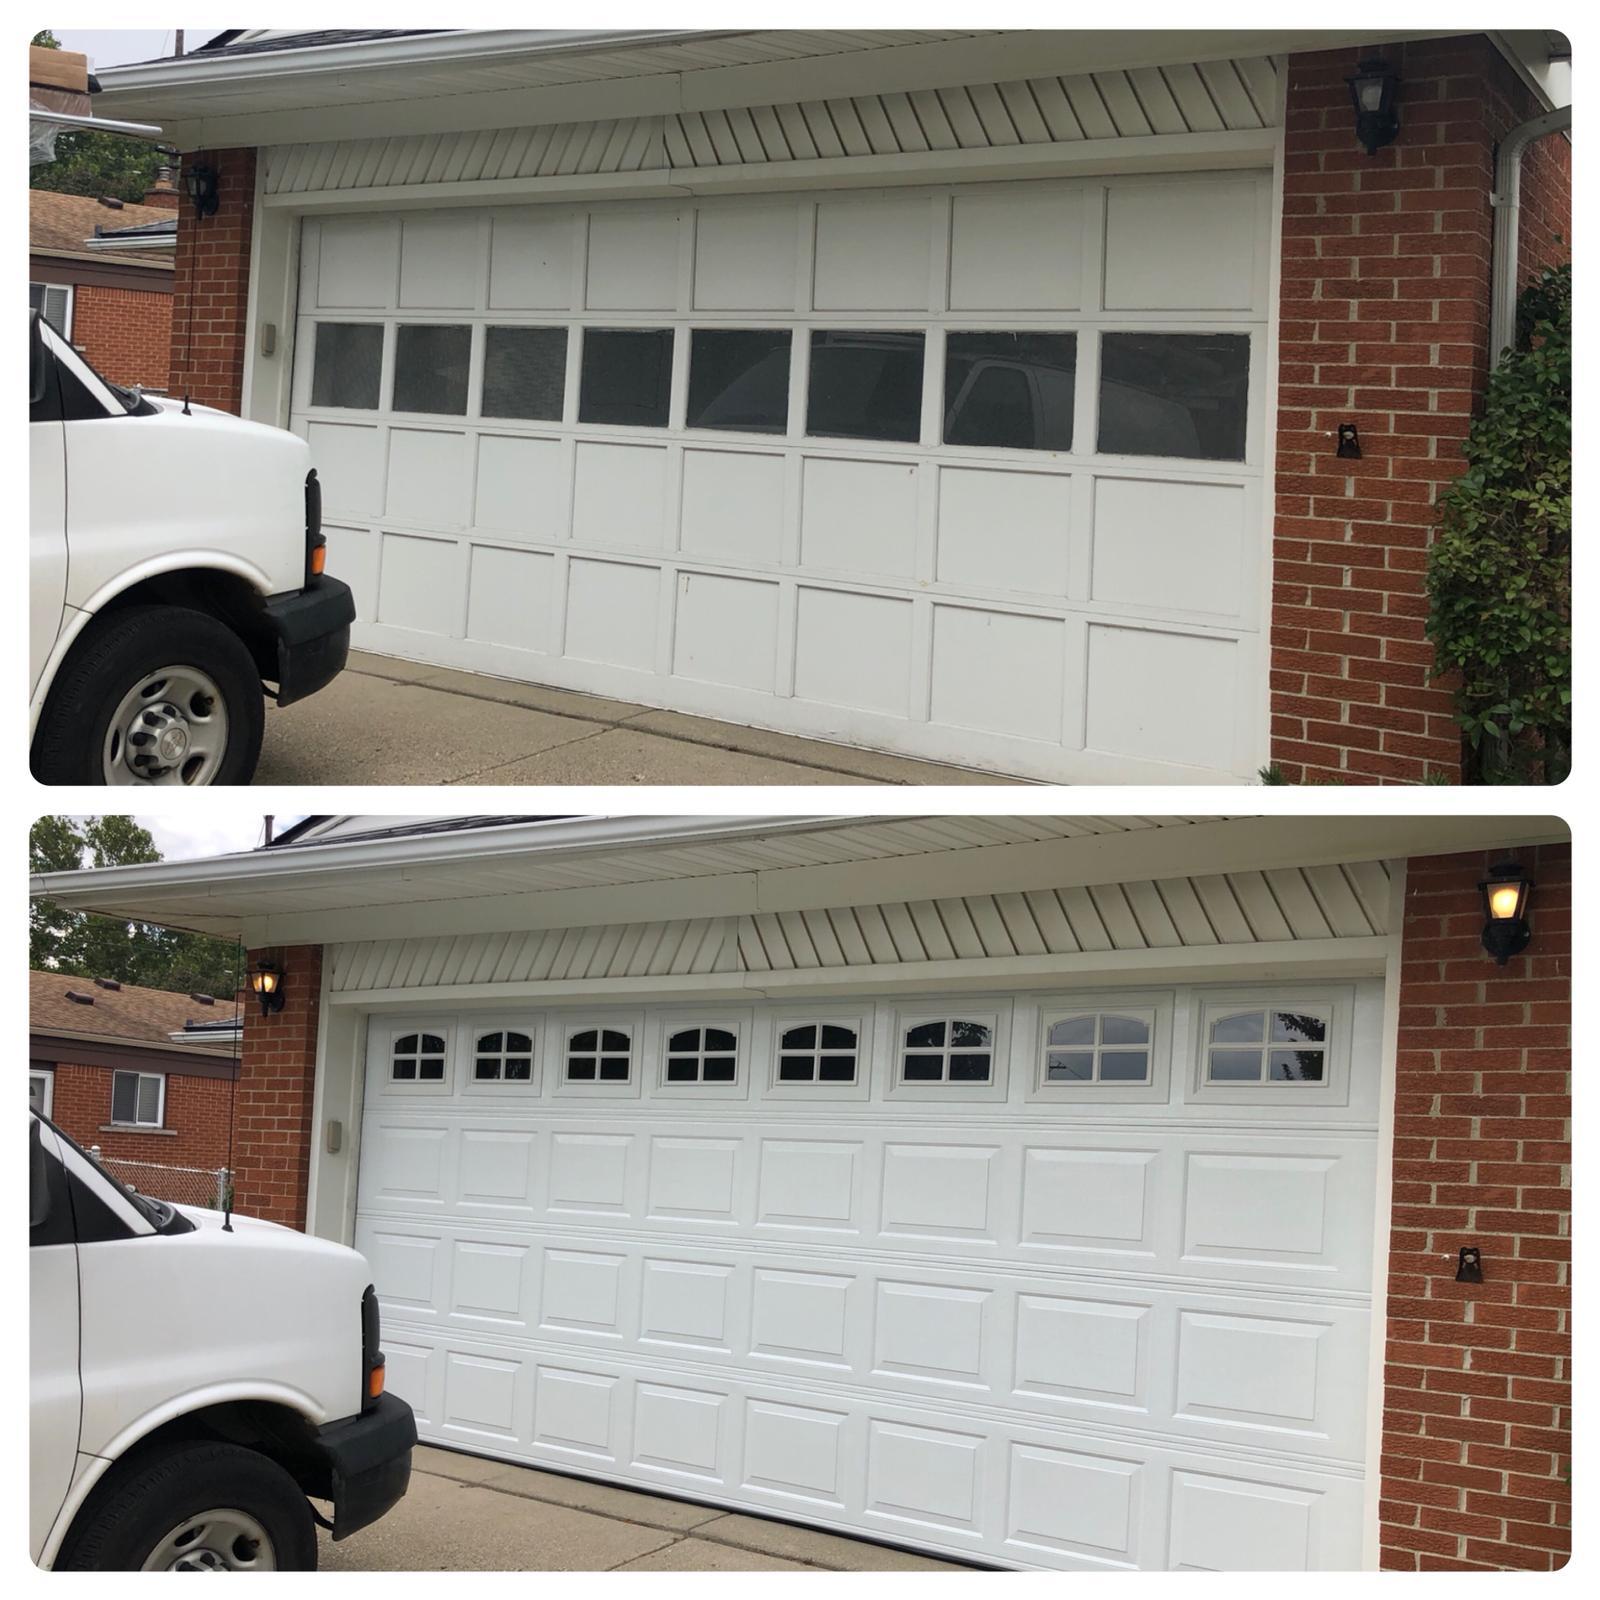 Garage door updgrade installed!